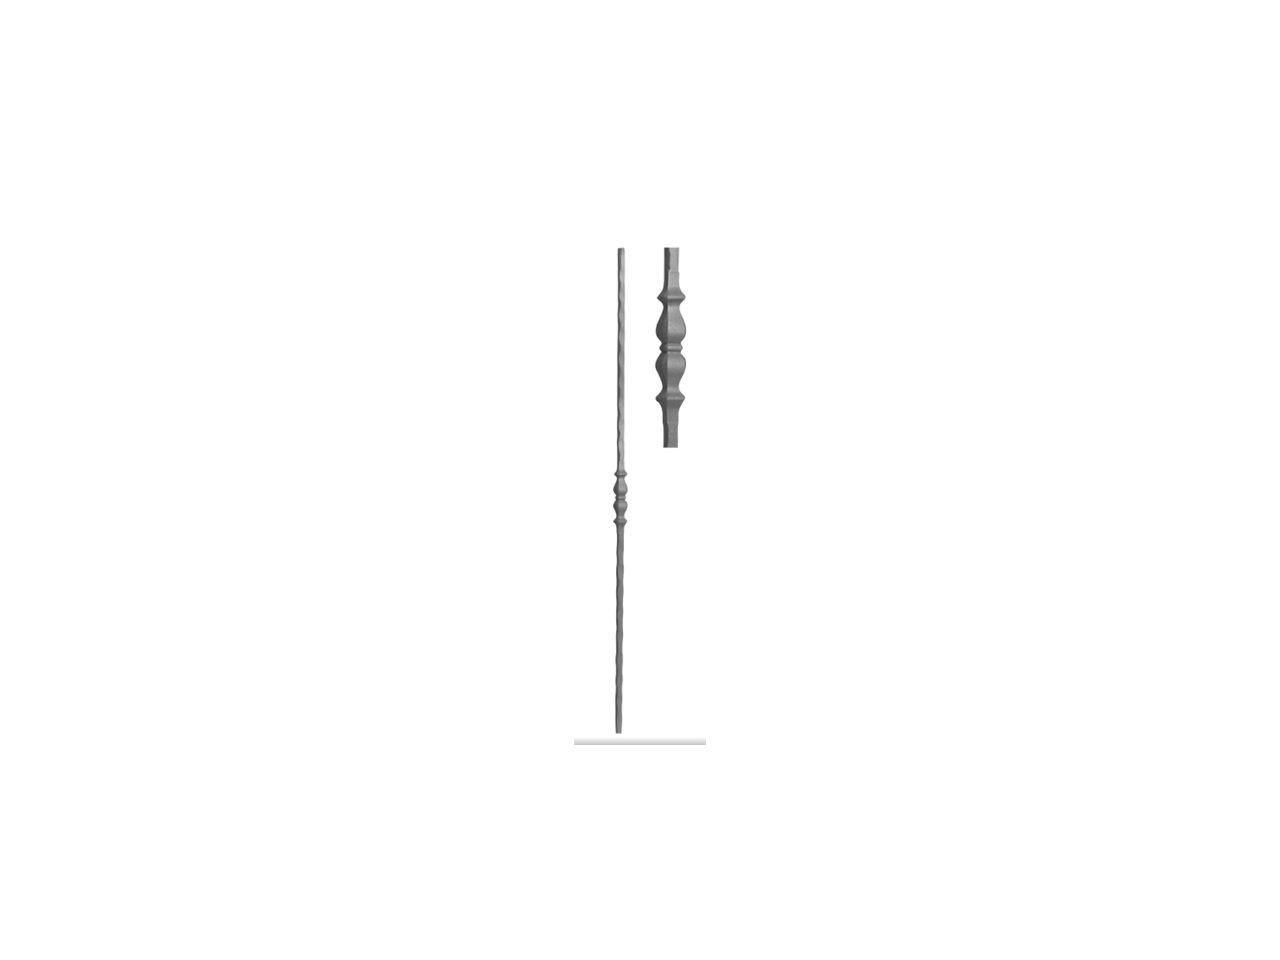 Tralka Prosta Ozdobna 11.012 950mm